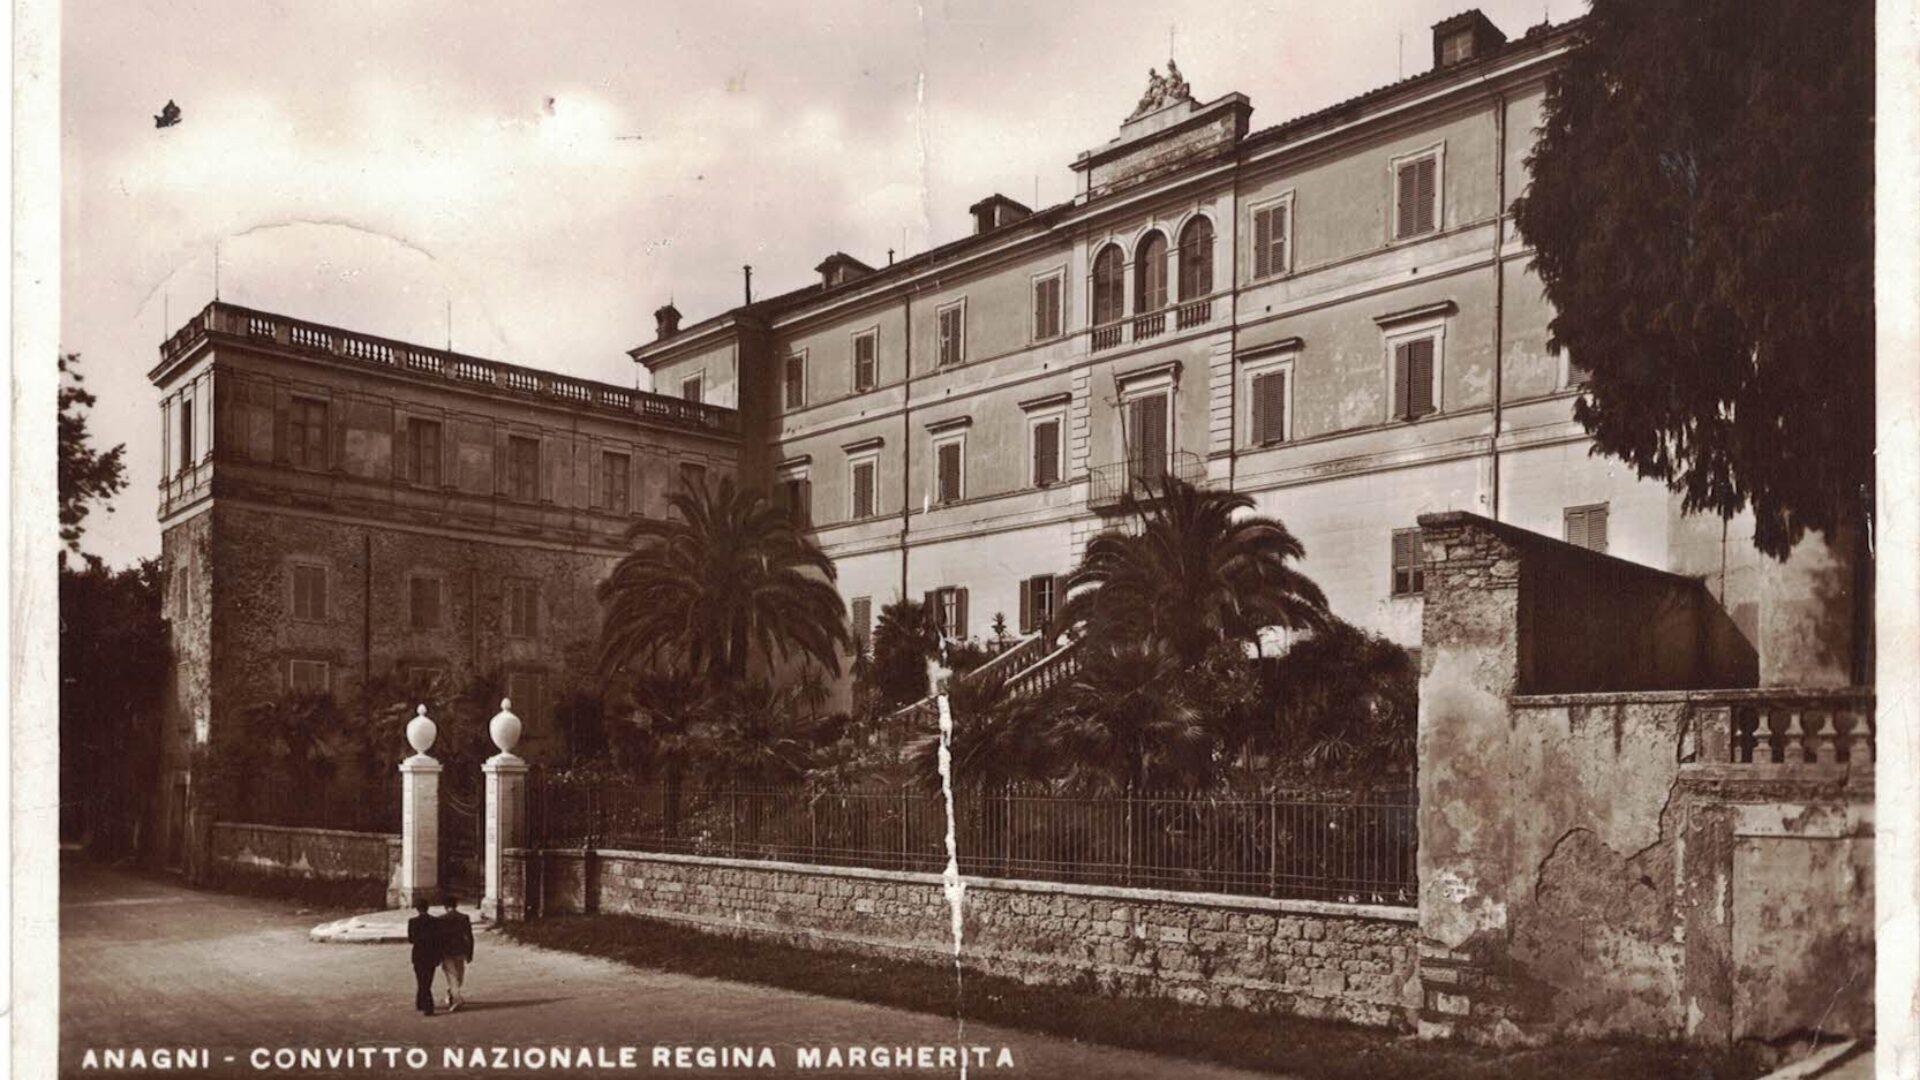 UNA CARTOLINA STORICA DEL 1941